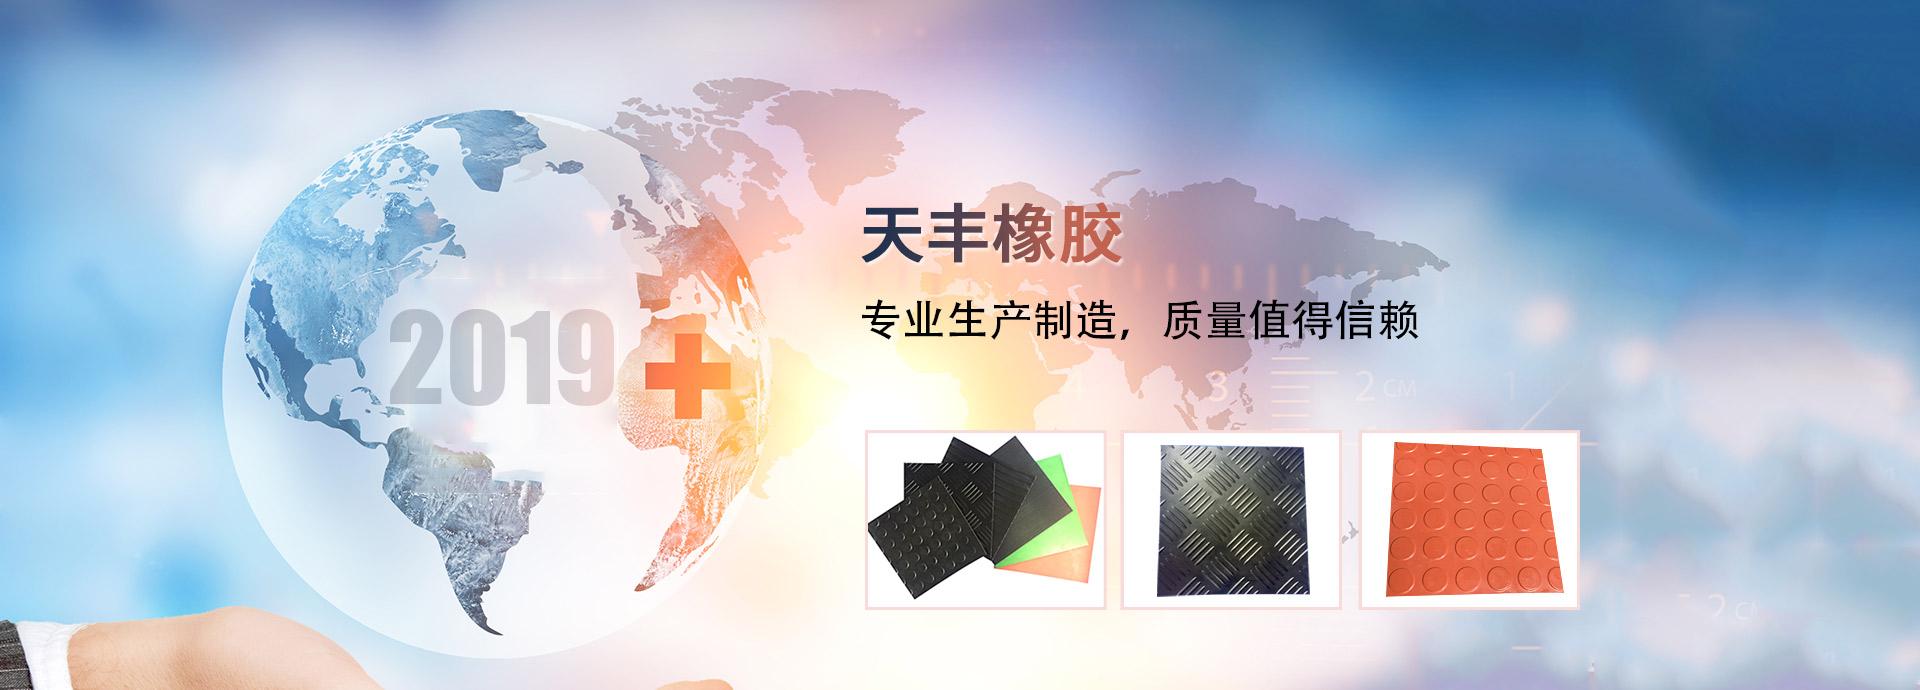 橡胶板_绝缘橡胶板_三元乙丙竞博网站_防滑橡胶板